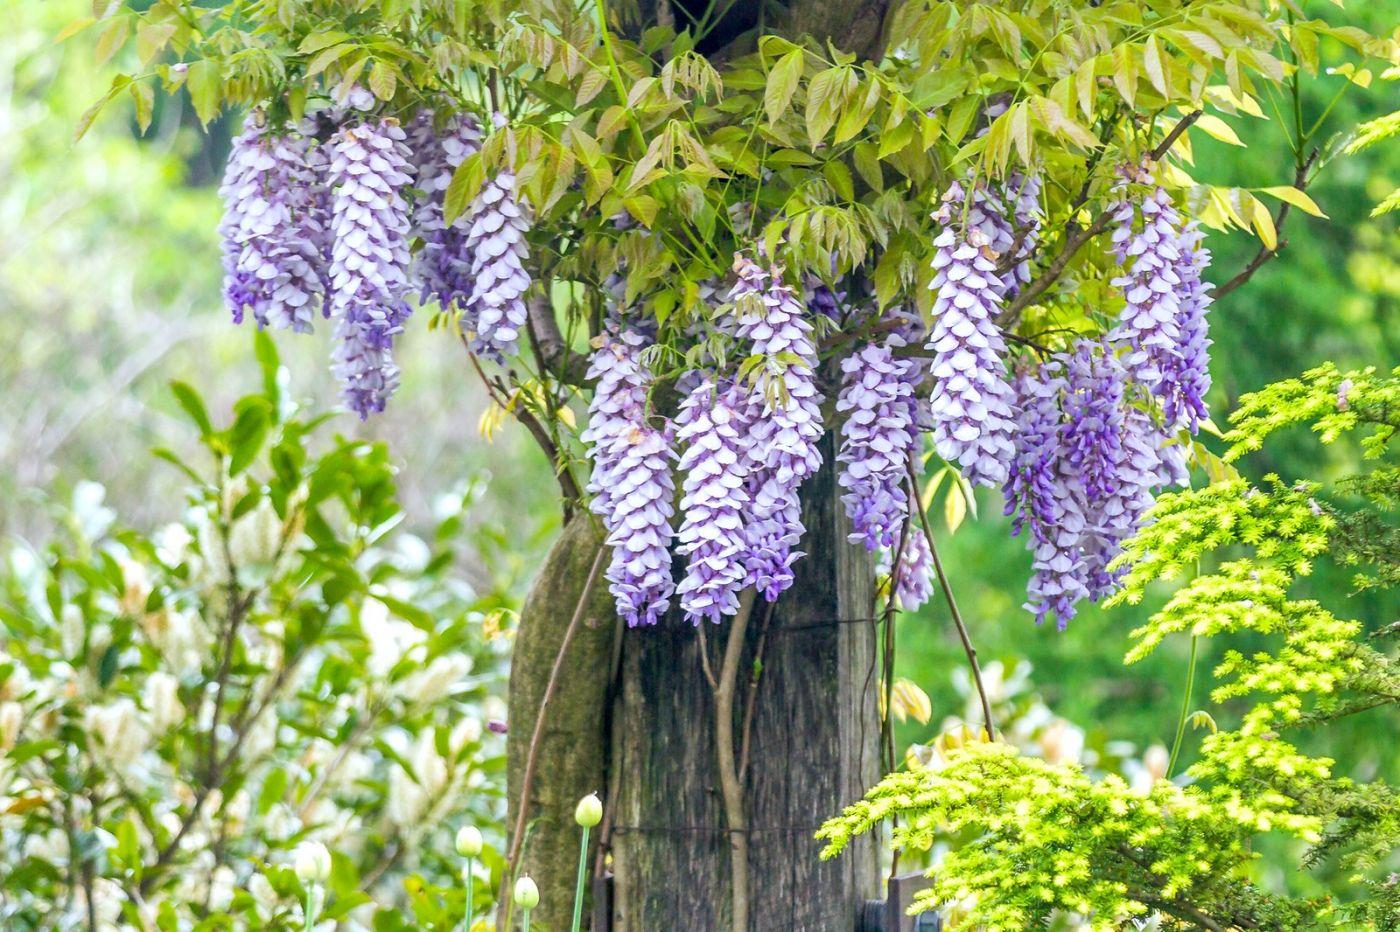 紫藤花相遇在春天_图1-9